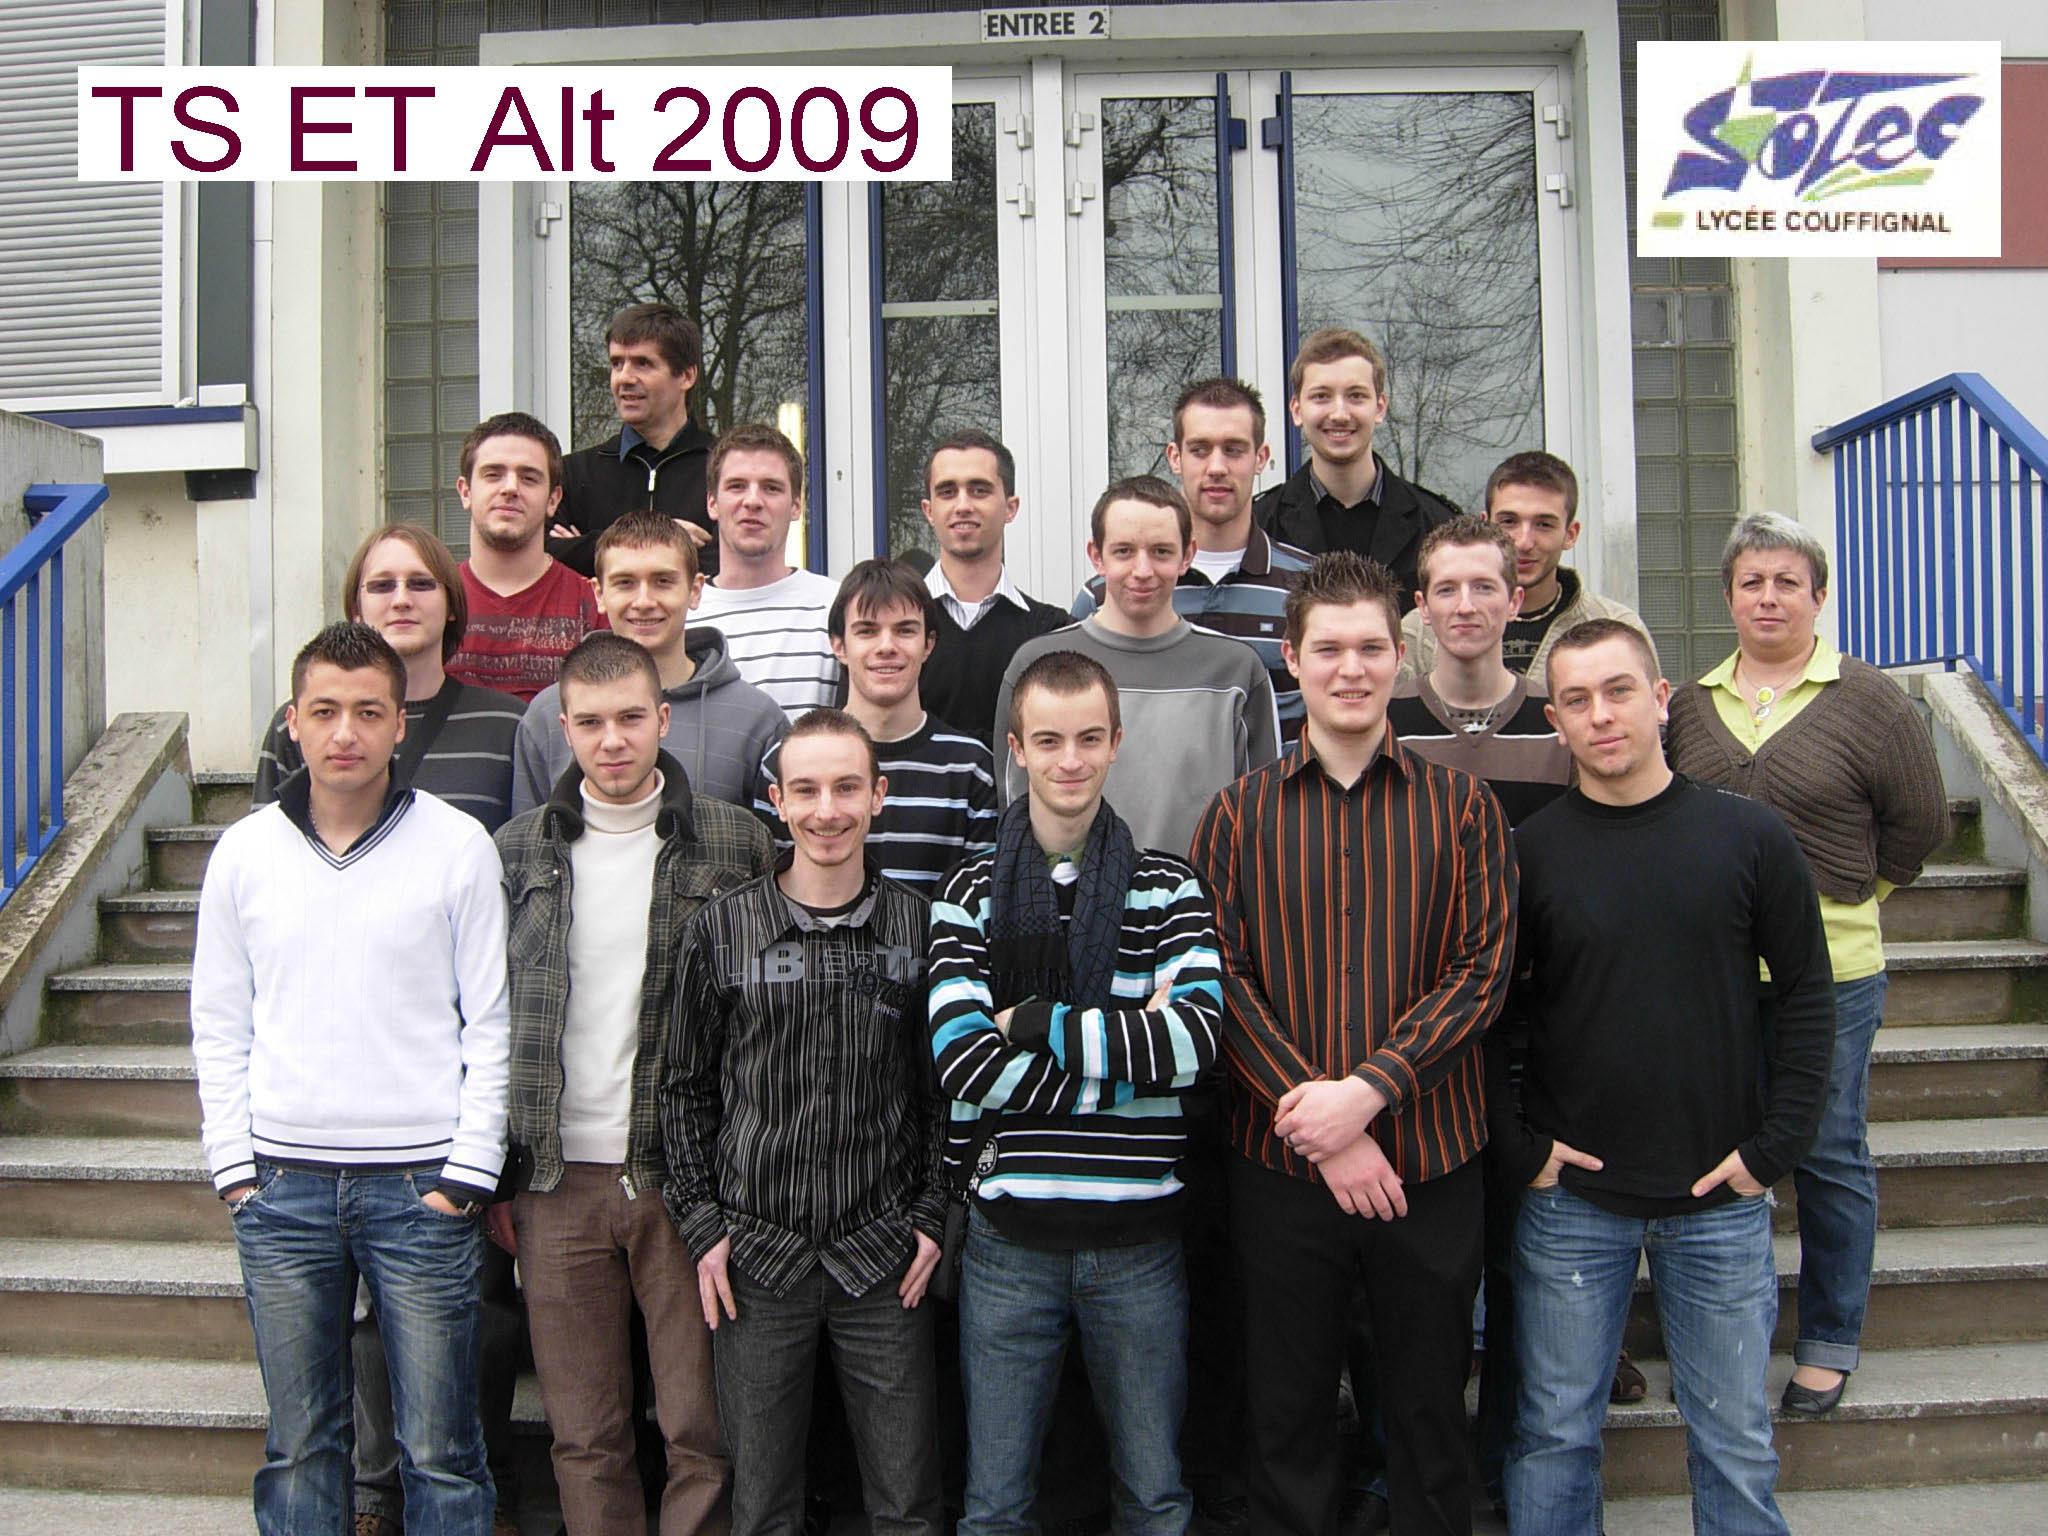 TS_ET_Alt.jpg